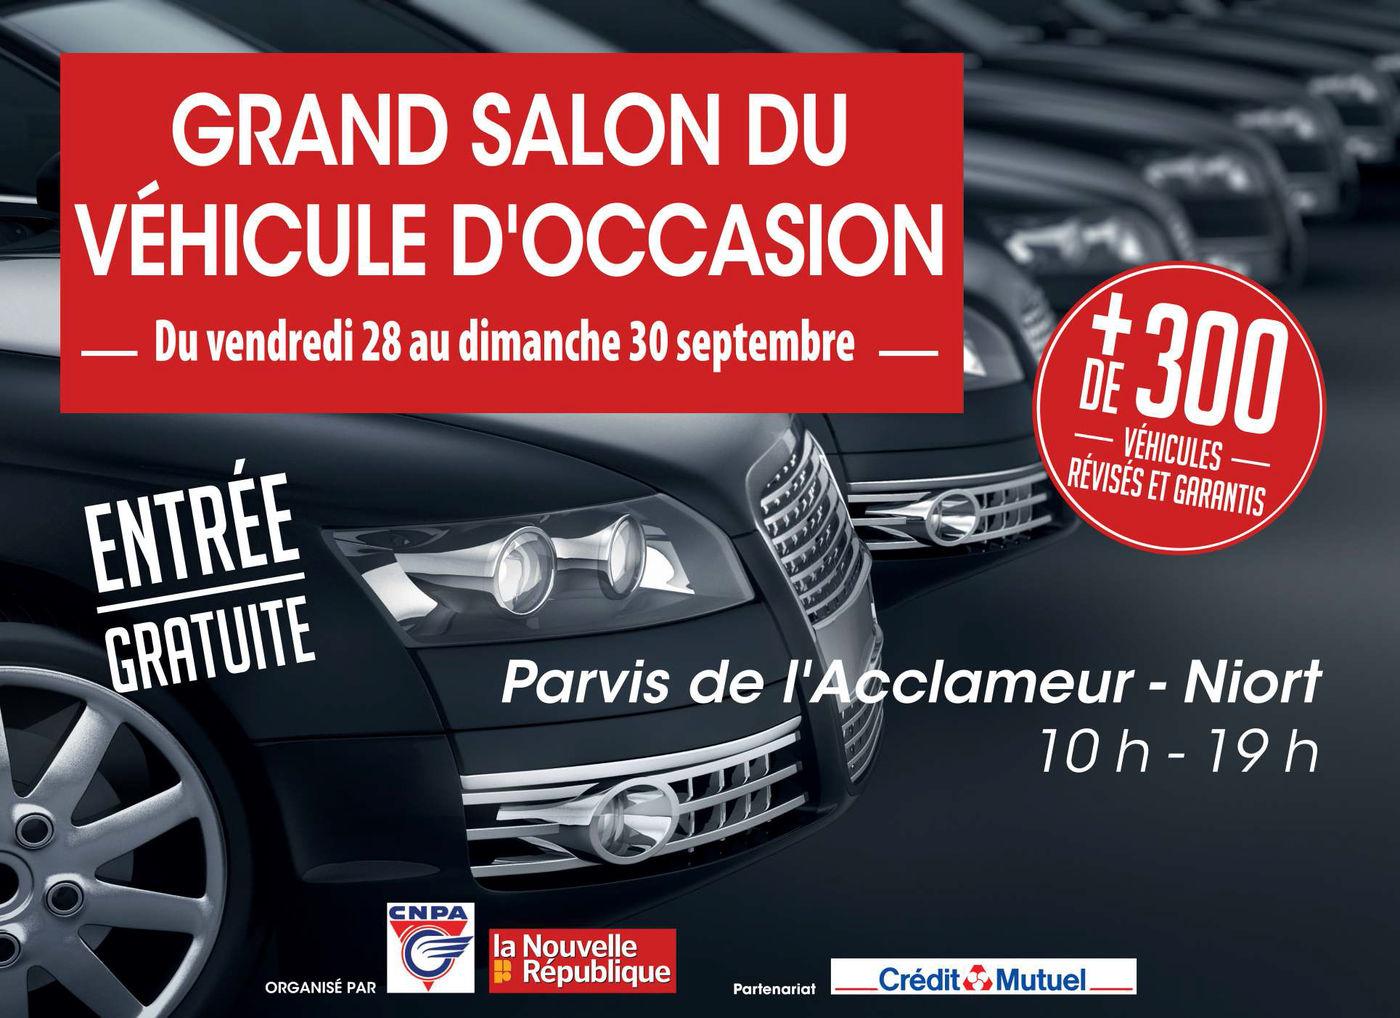 Véhicule D Occasion >> Grand Salon Du Vehicule D Occasion Mairie De Niort